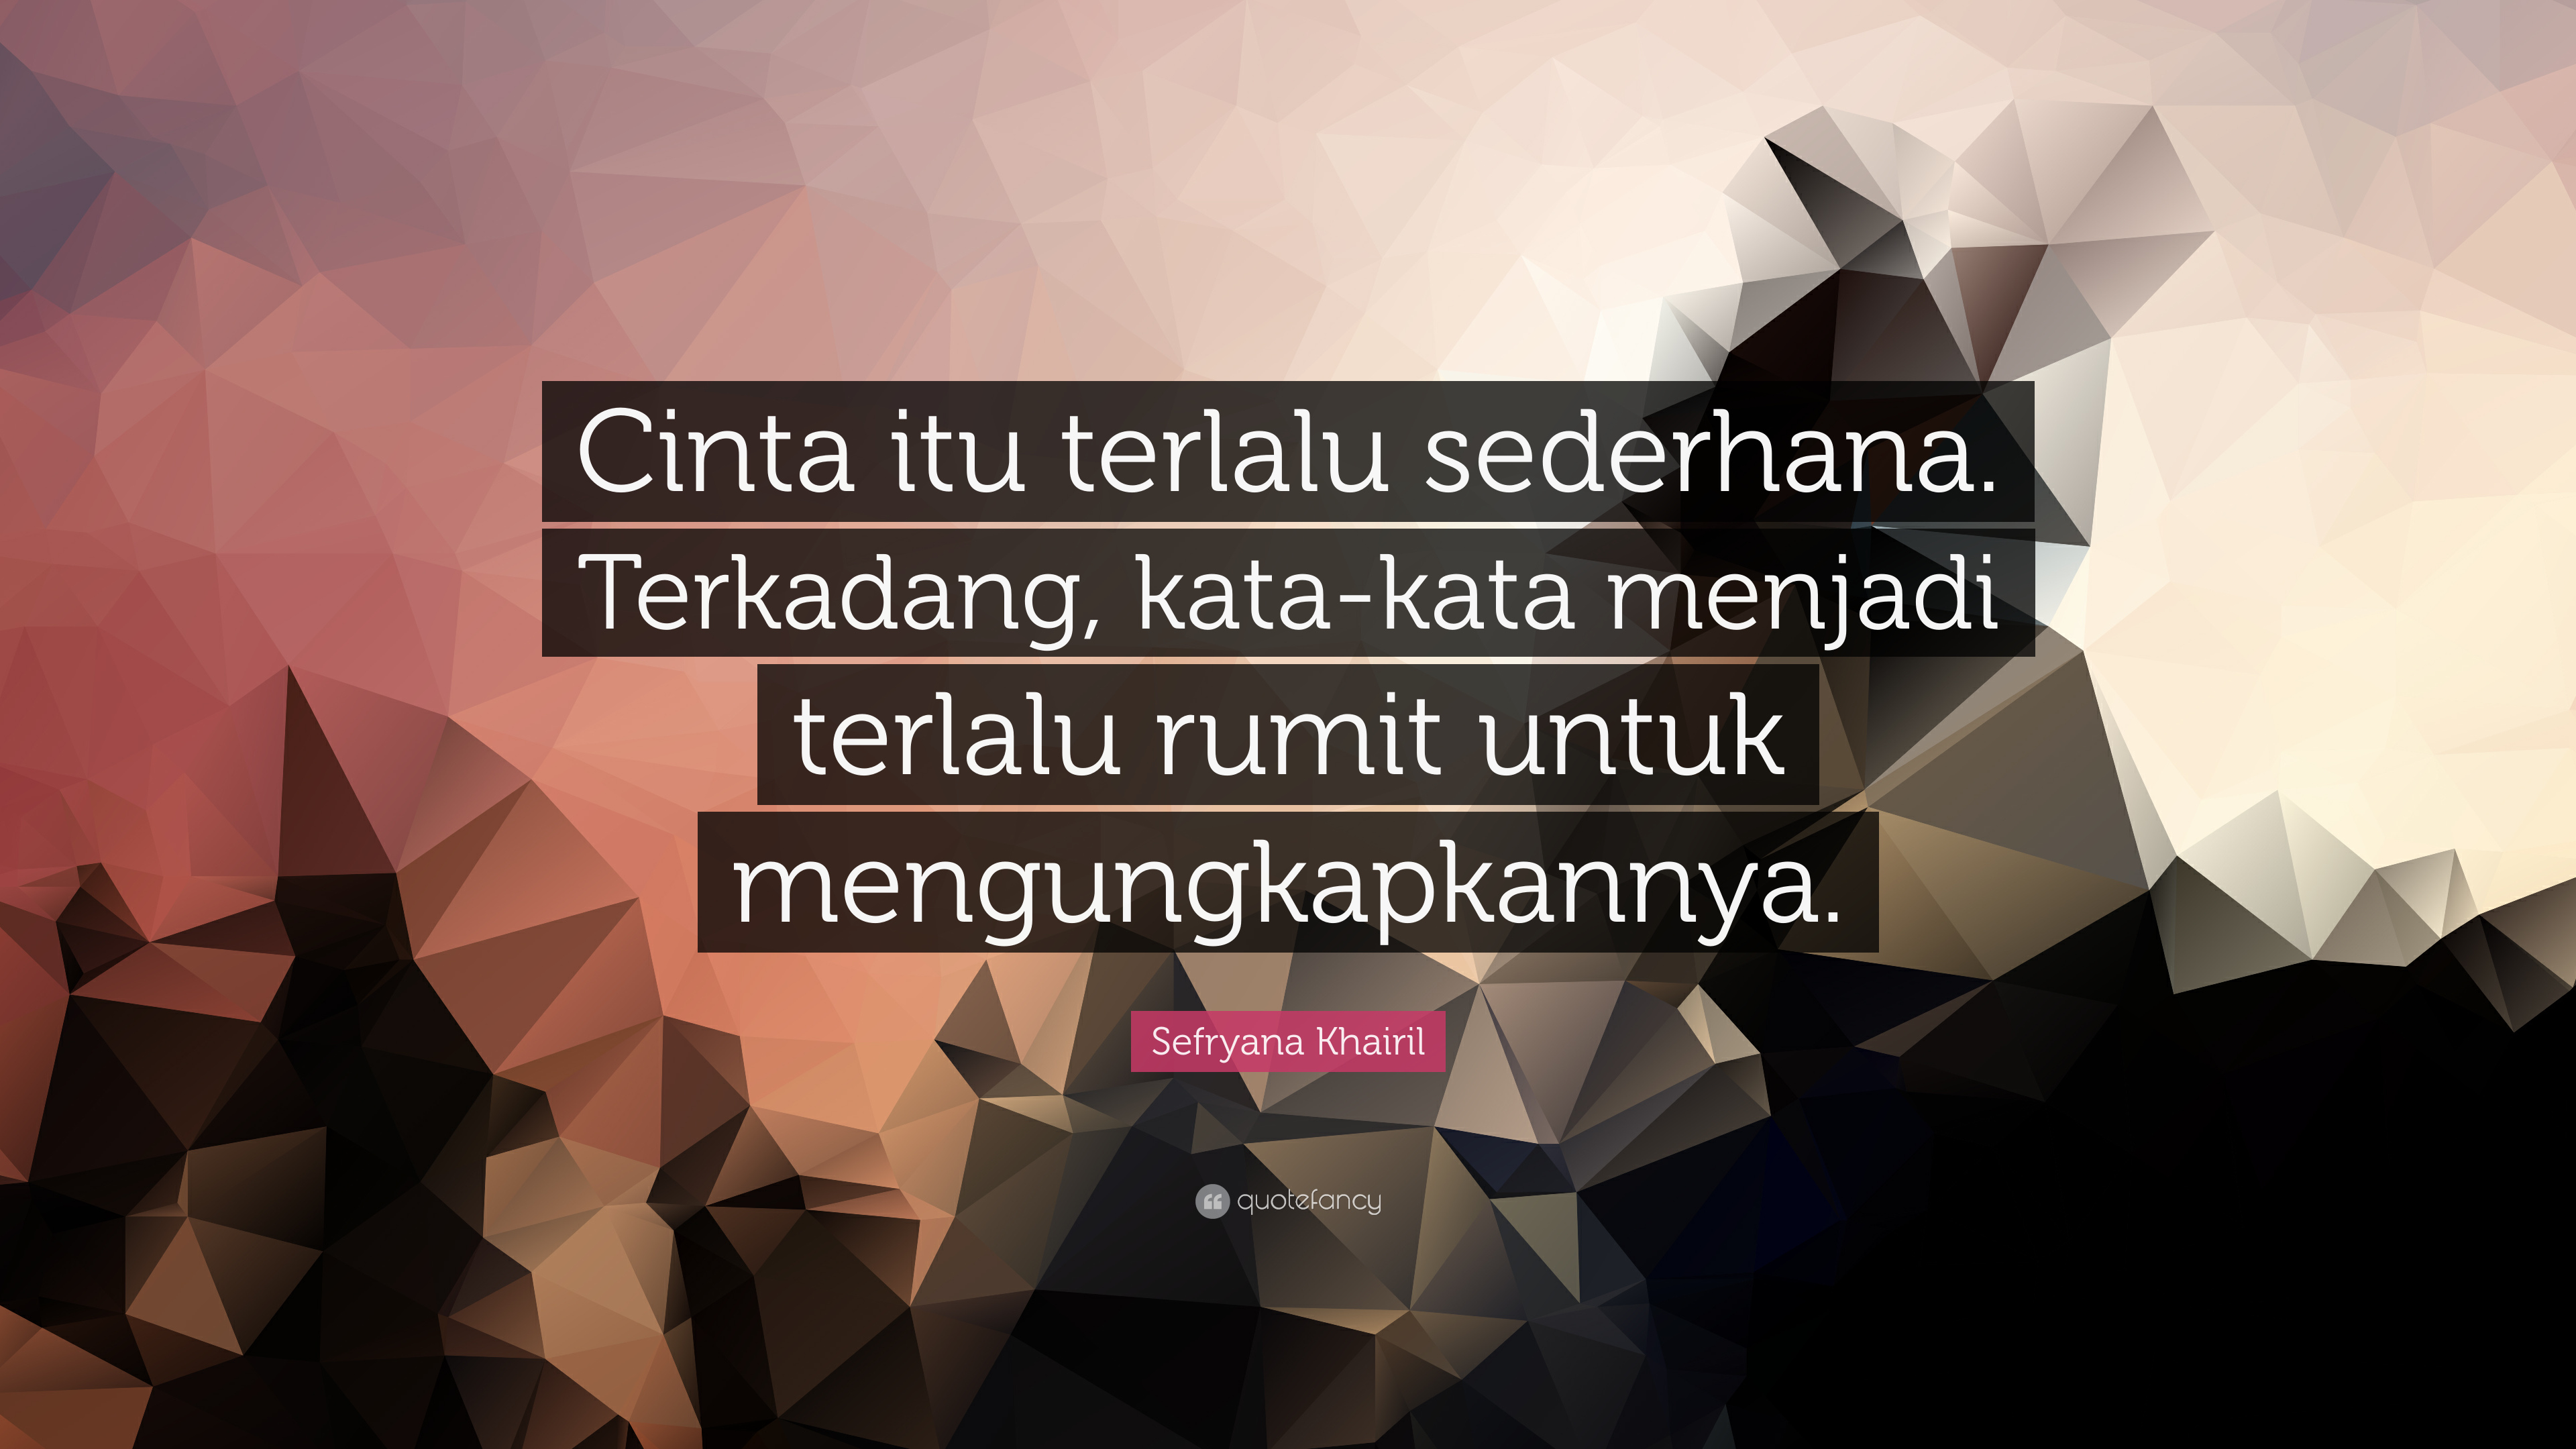 Sefryana Khairil Quote Cinta Itu Terlalu Sederhana Terkadang